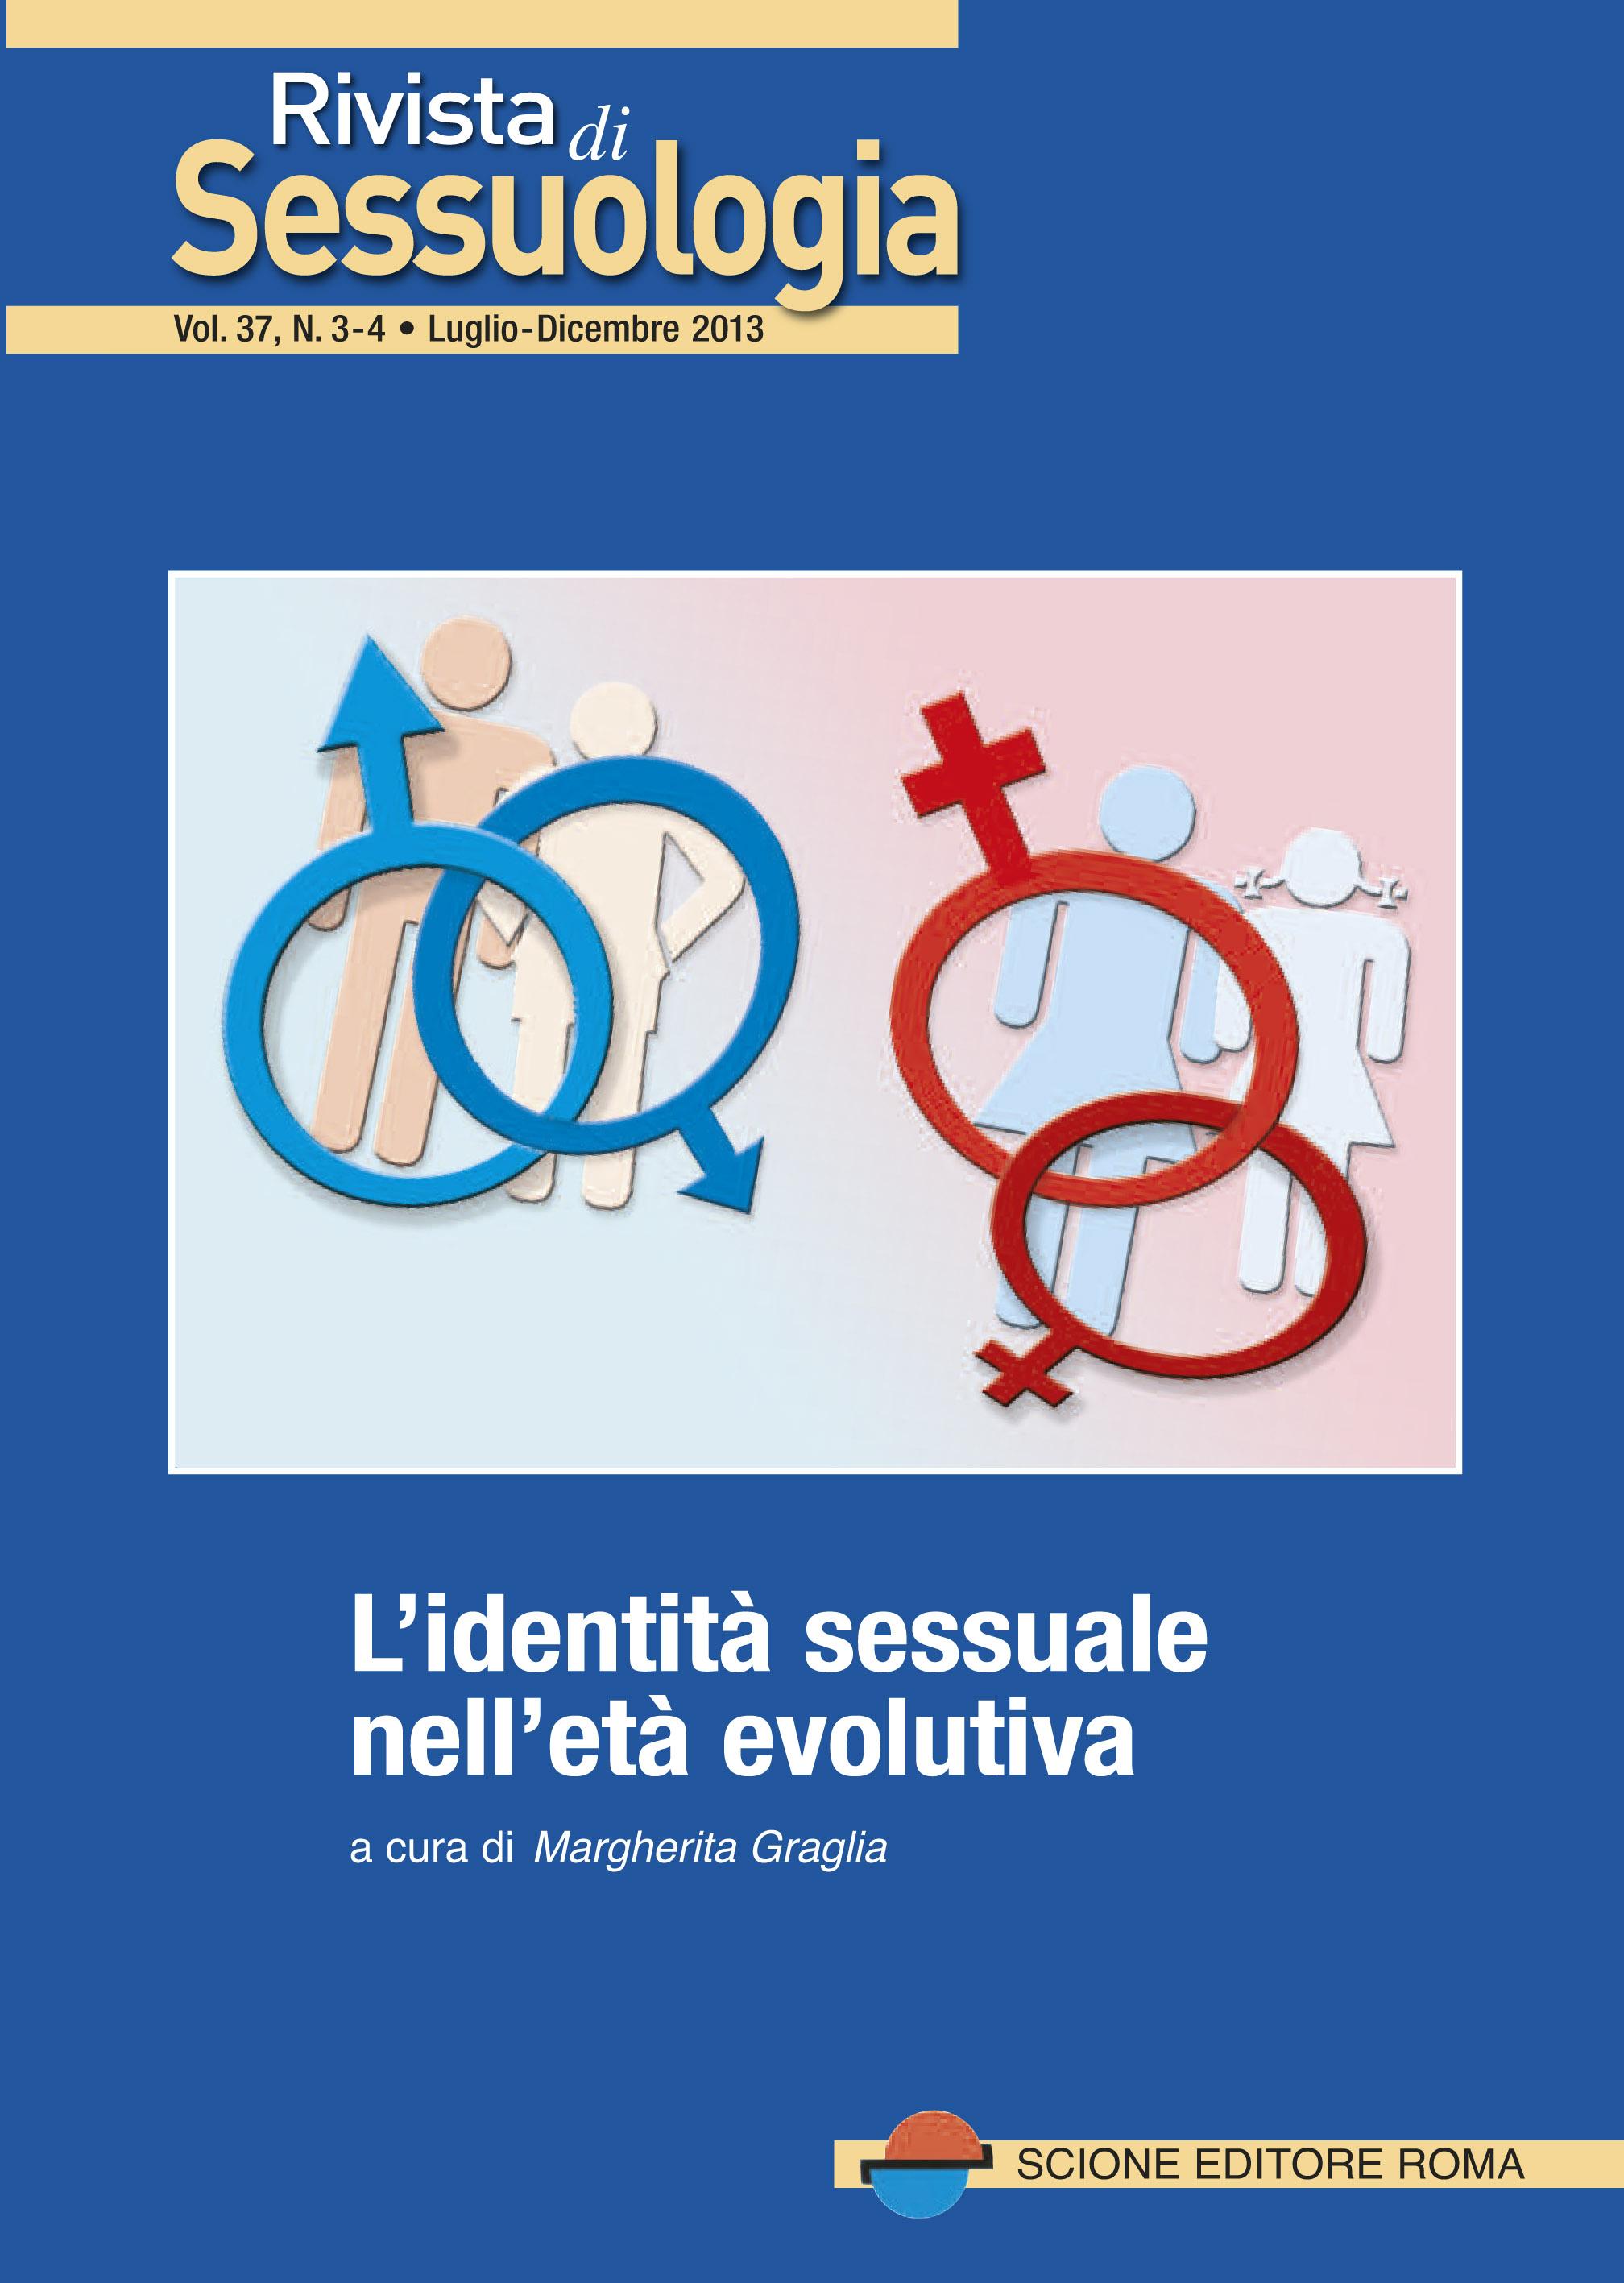 La rivista di sessuologia: Identità sessuale età evolutiva